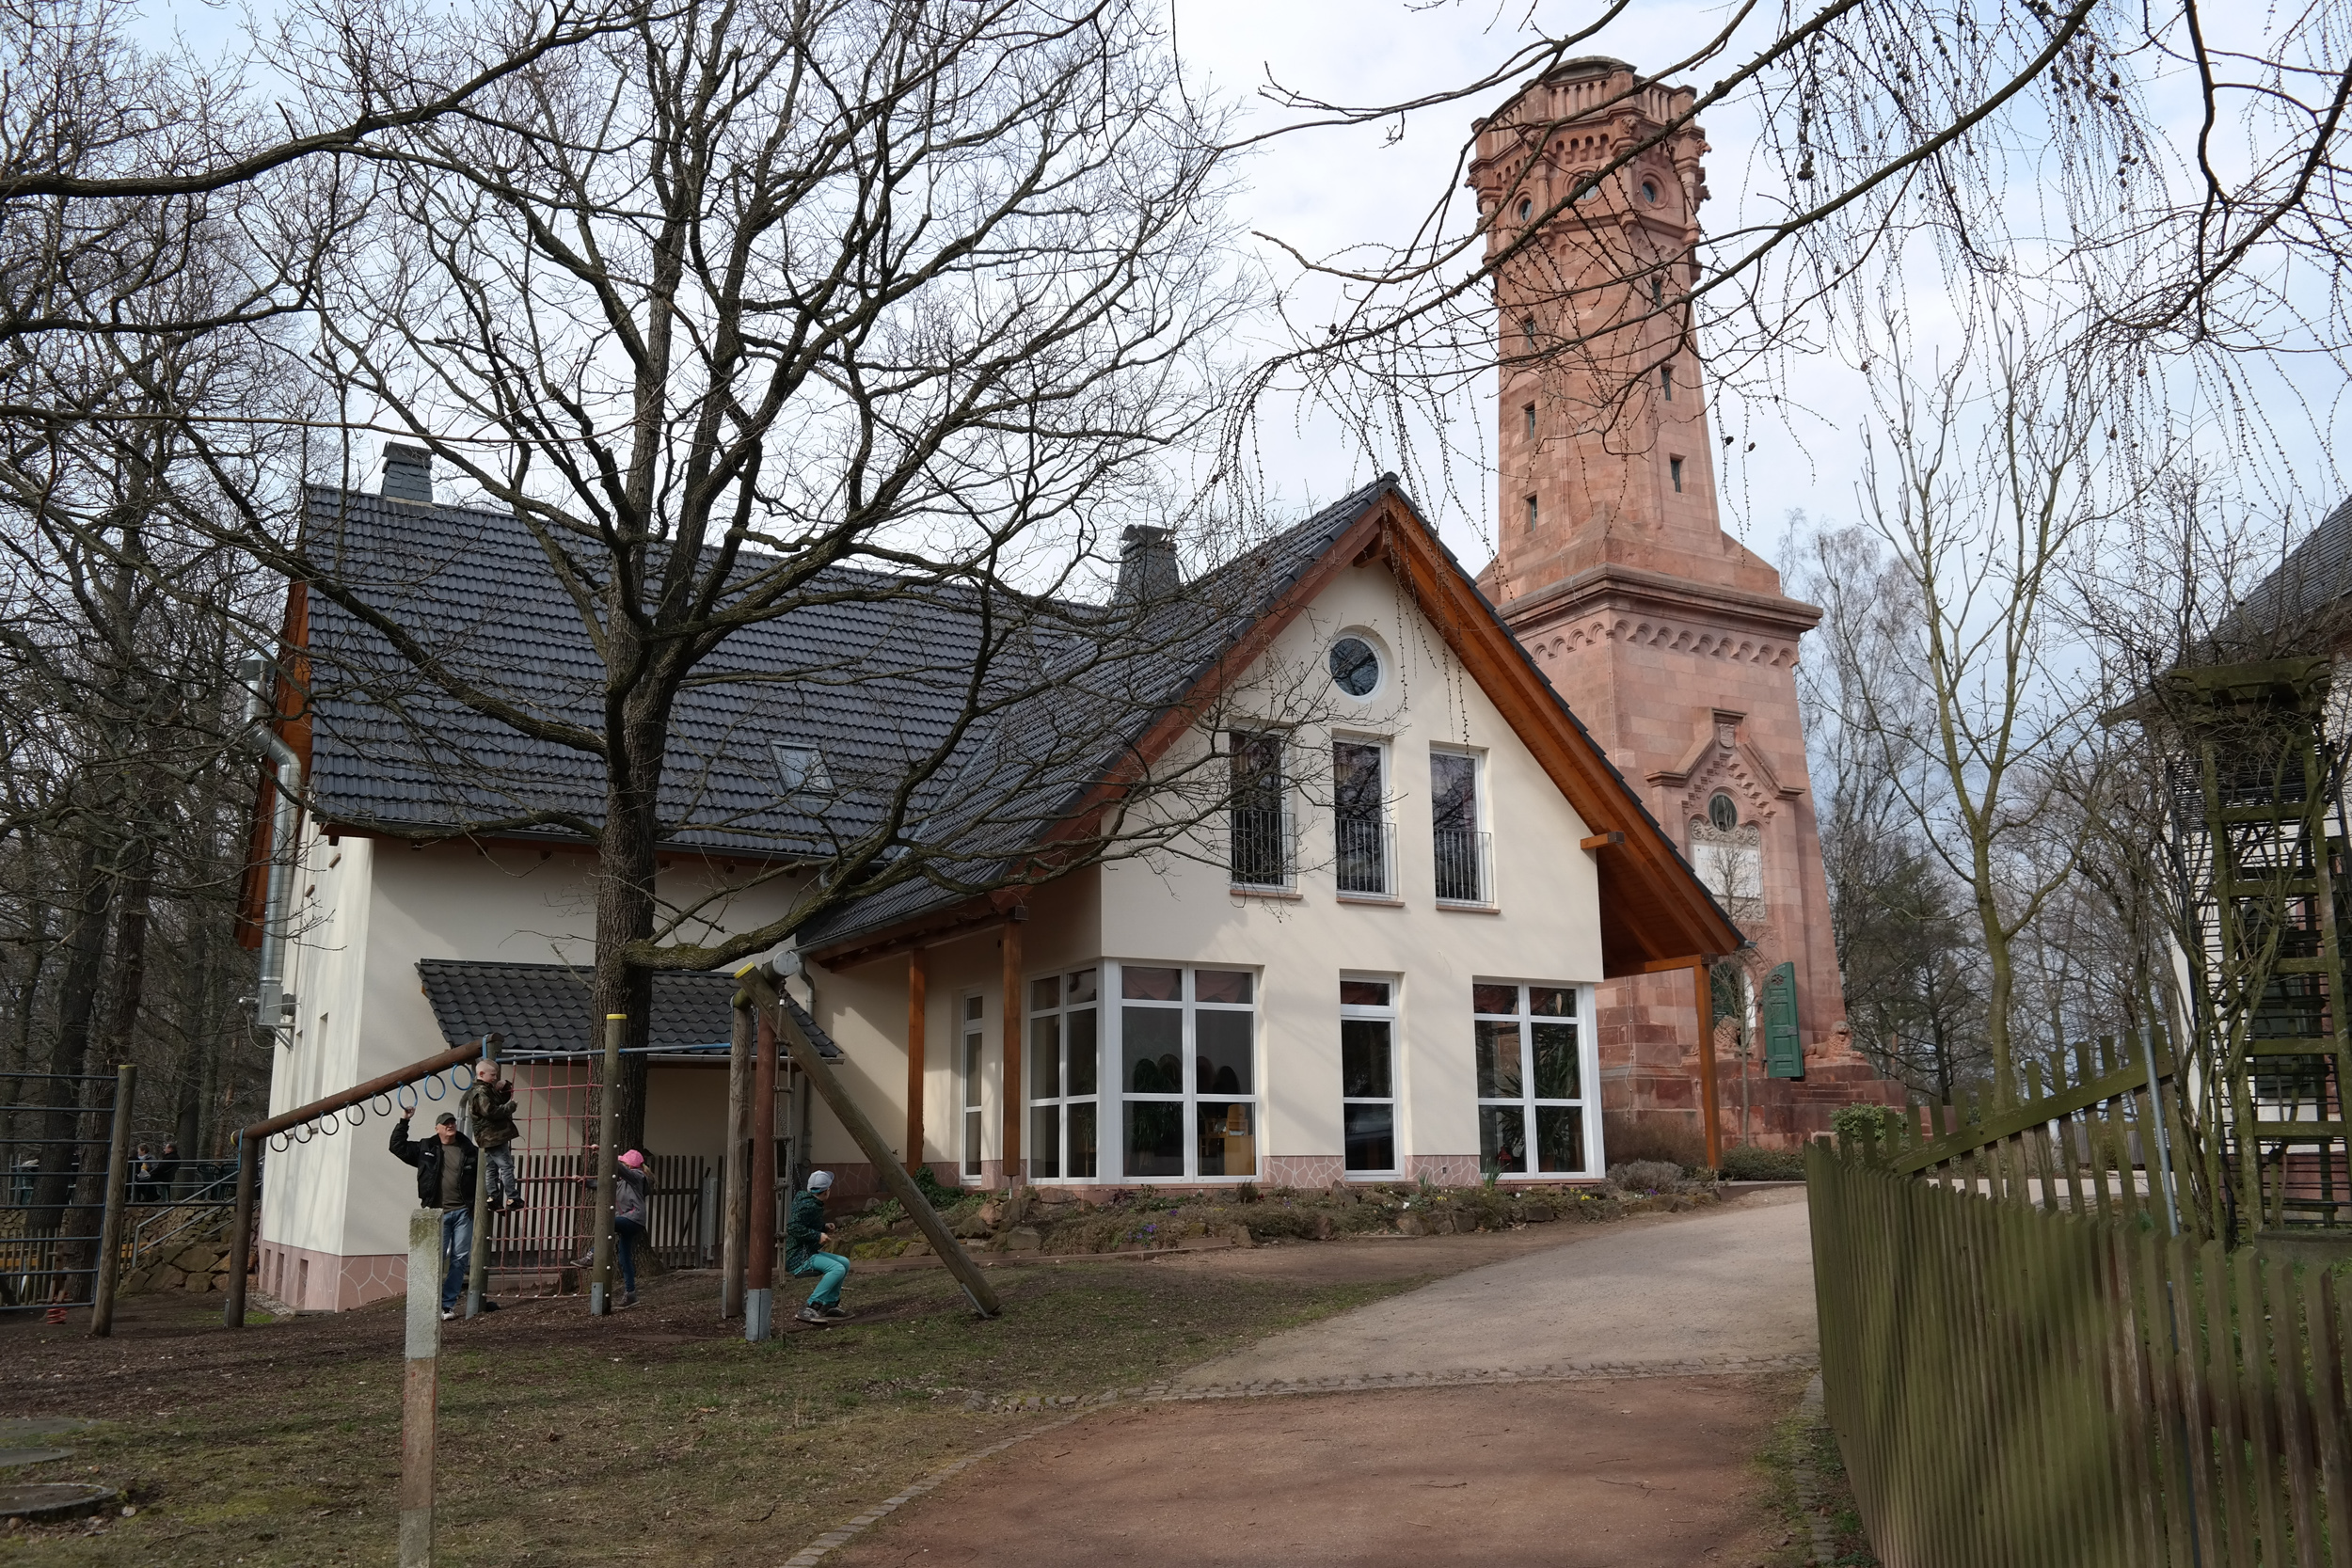 Friedrich-August-Turm mit Gaststätte auf dem Rochlitzer Berg